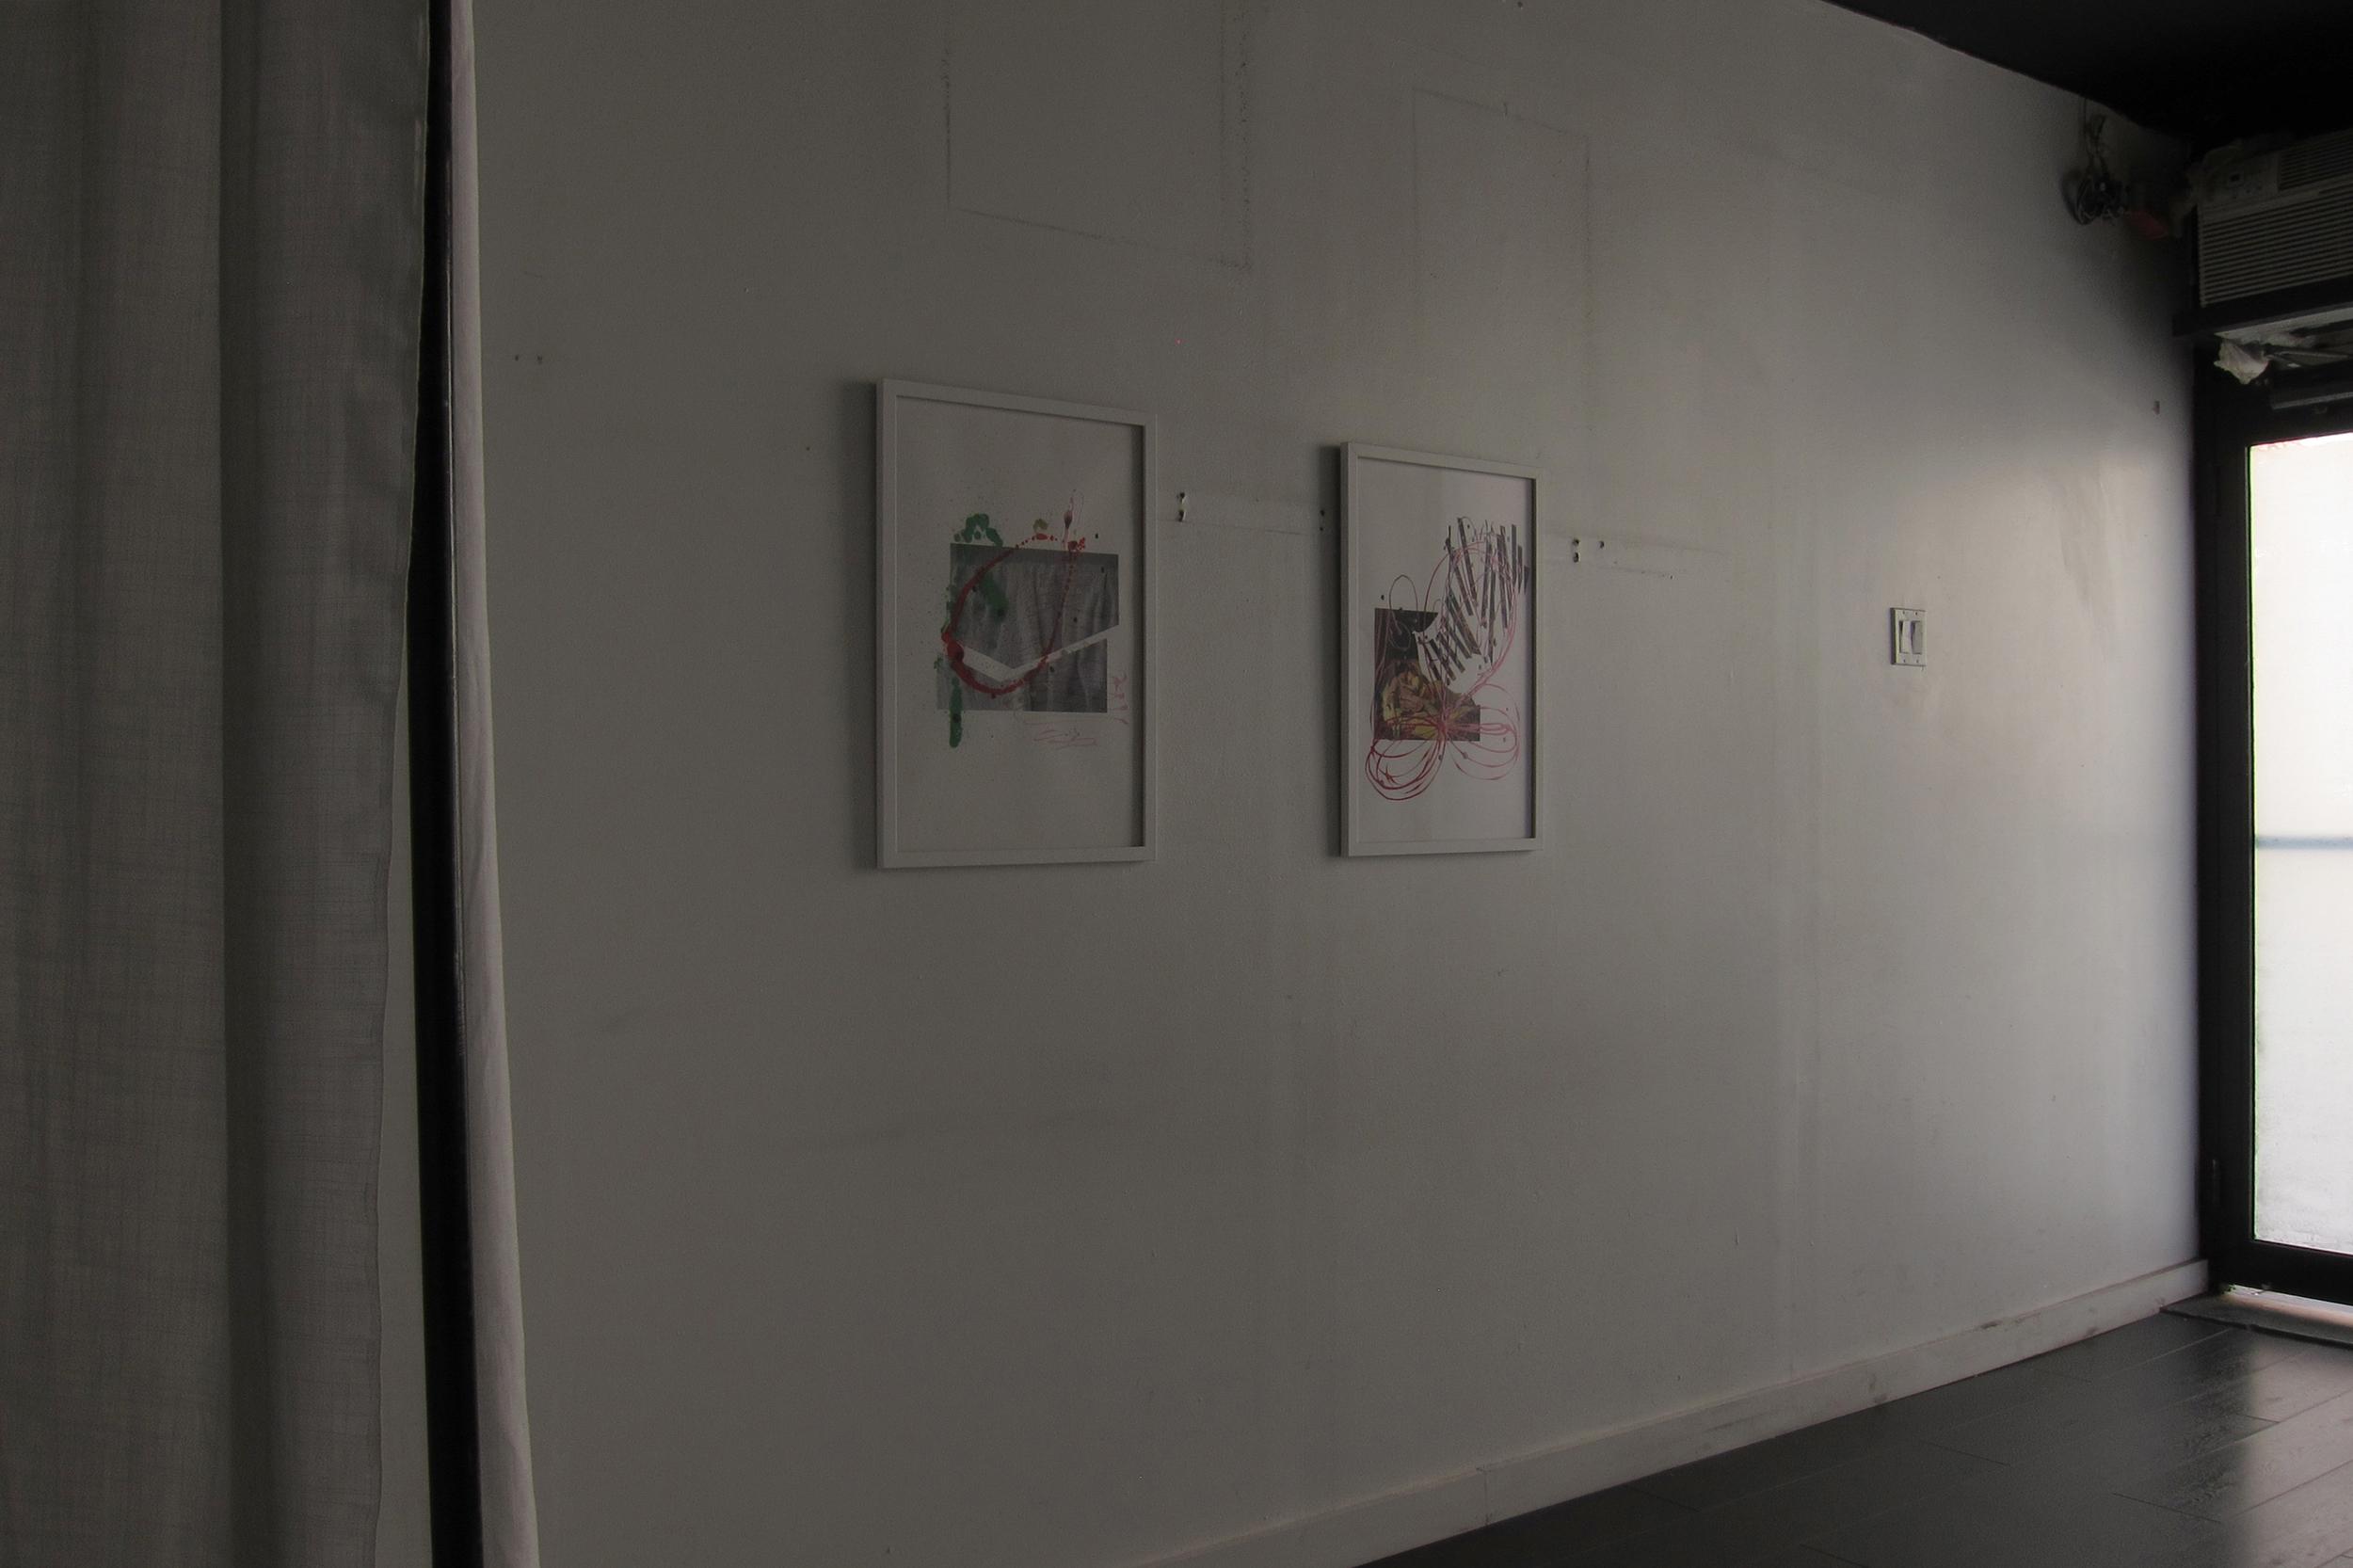 Starschnitt, Kai Matsumiya Gallery, Photo by Markues_12.jpg